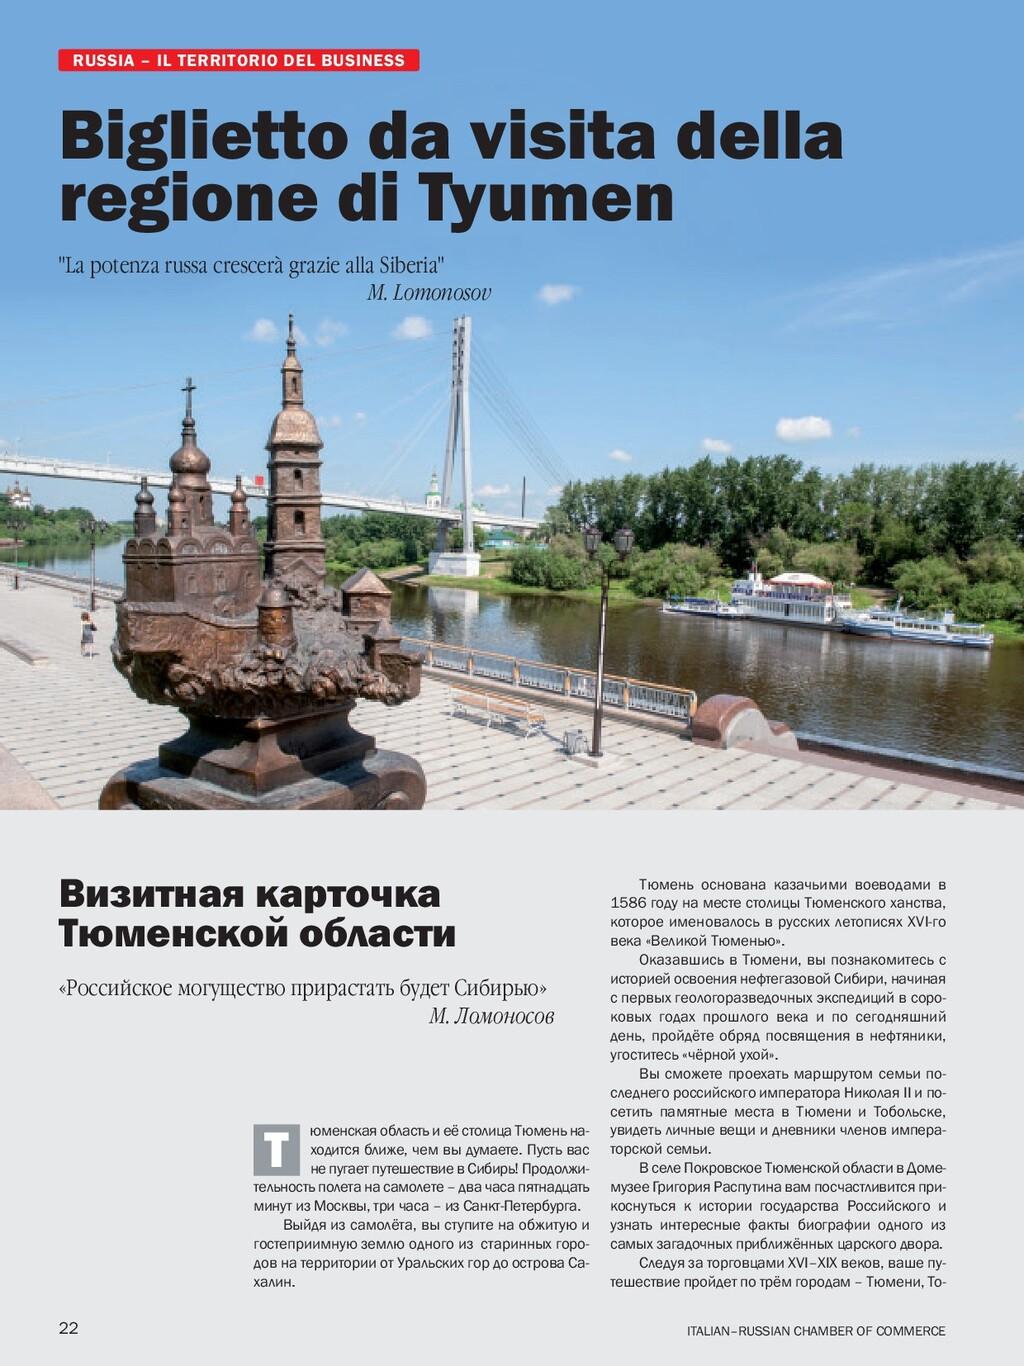 юменская область и её столица Тюмень на- ходитс...